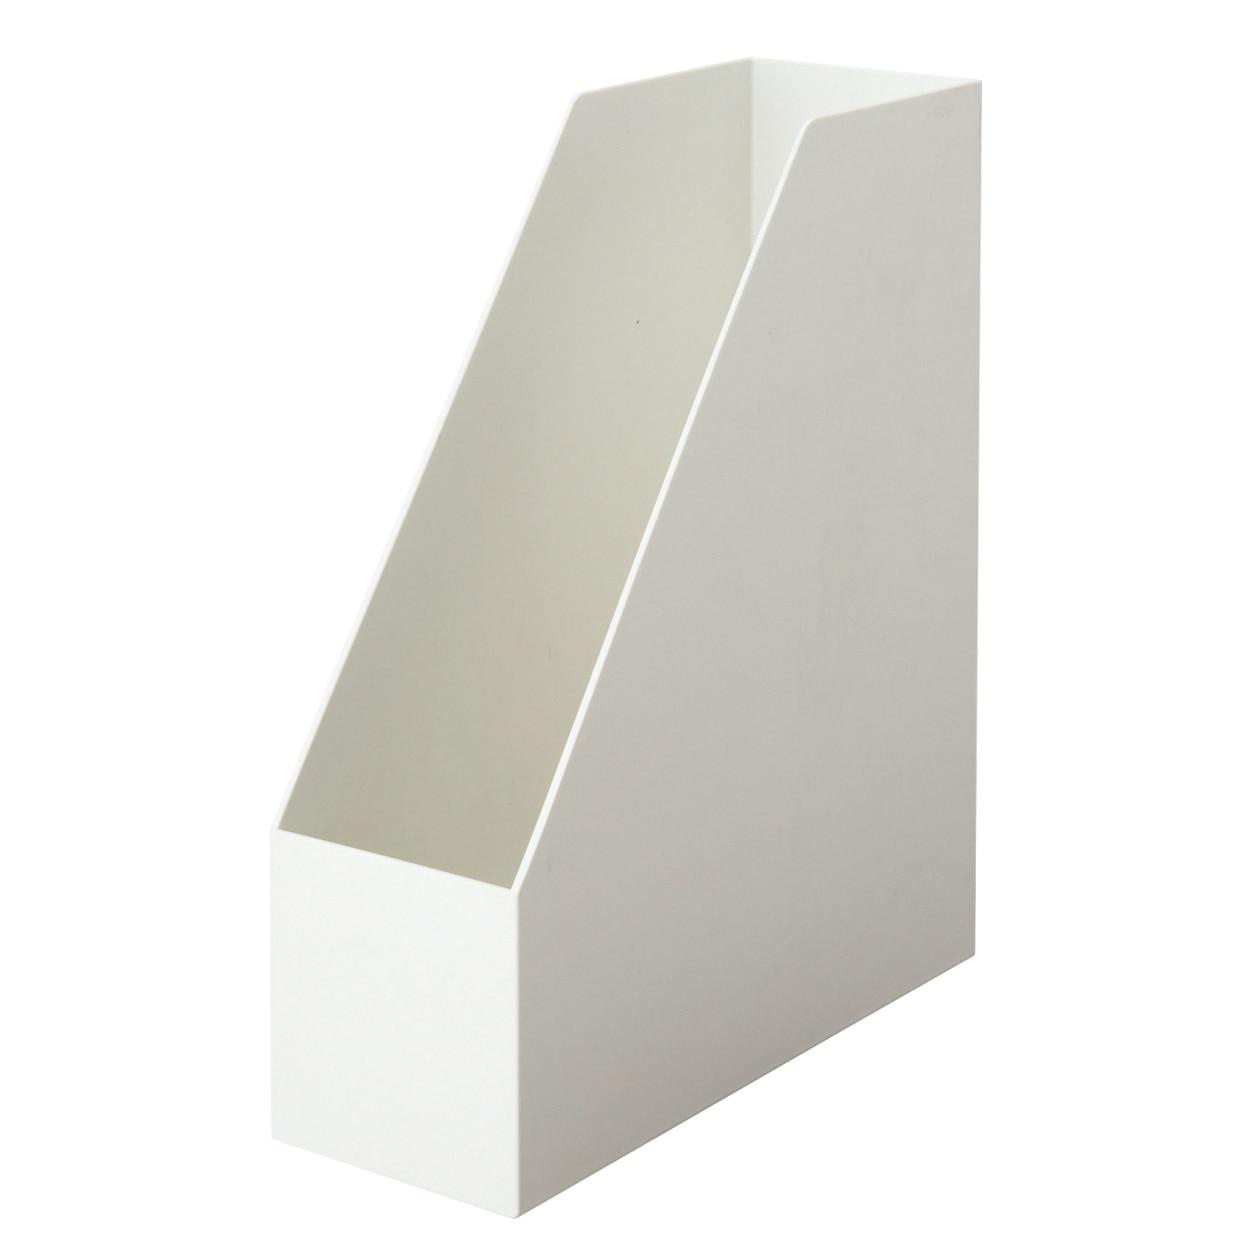 ポリプロピレンスタンドファイルボックス・A4用・ホワイトグレー